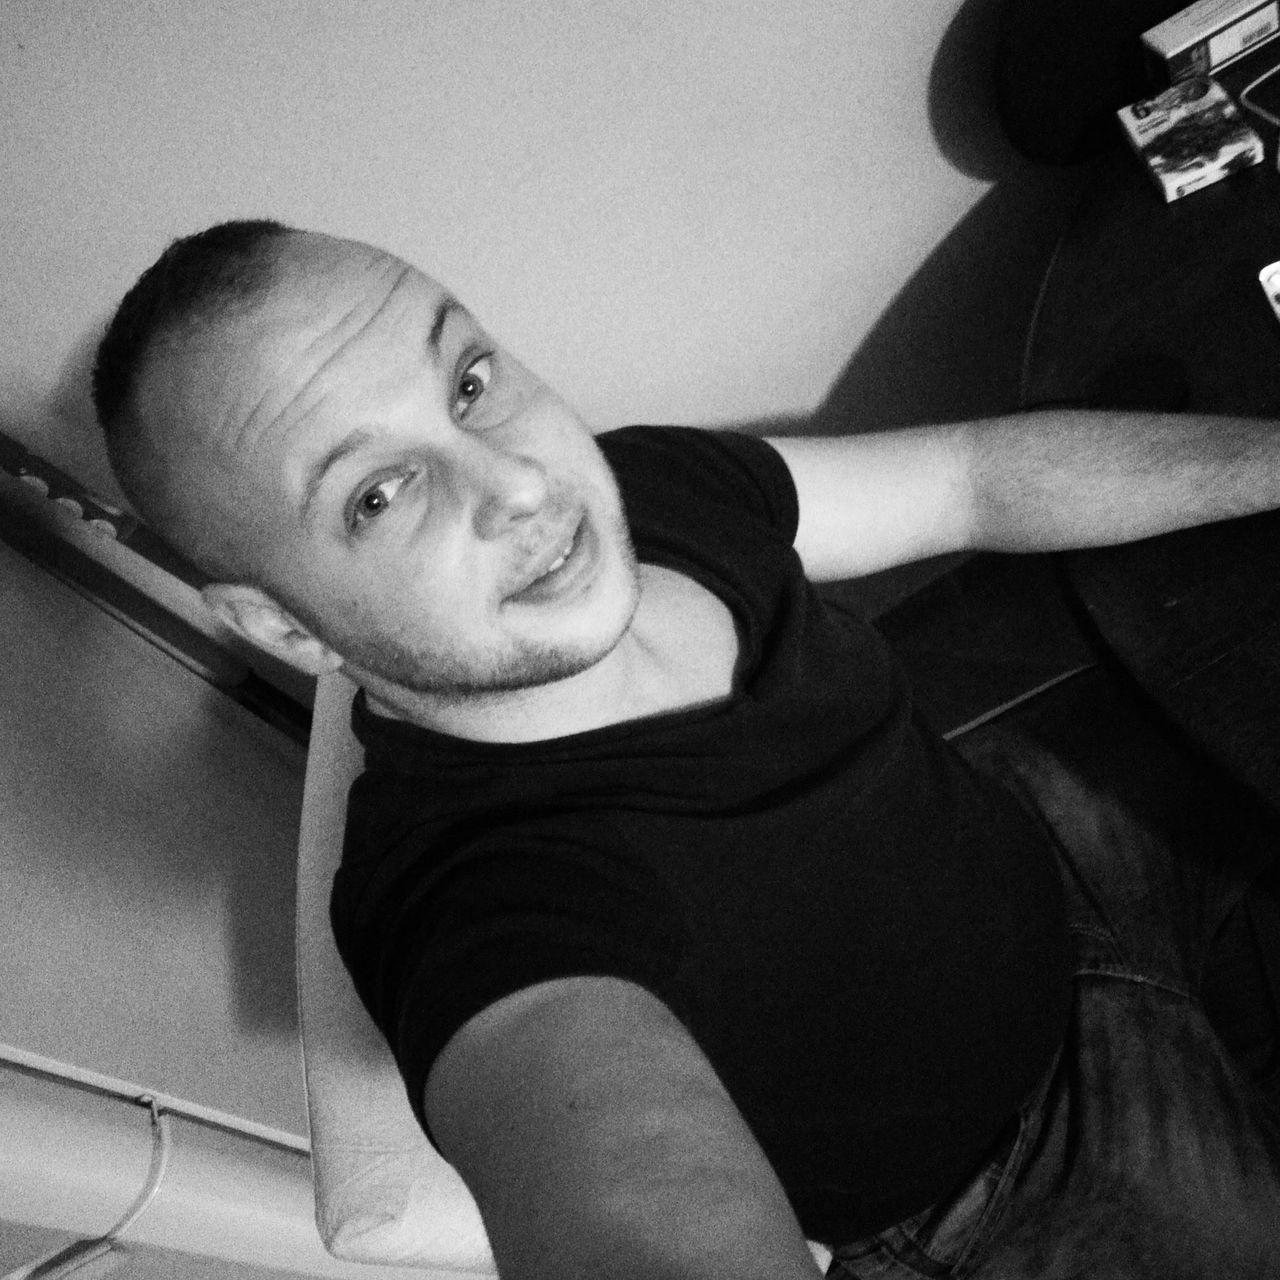 Like Like4like Likeforlike Portrait My Men Lifestyles HuaweiP8 Huaweimobile Selfies Selfie ✌ Focus Face Kopf Ich People Mensstyle Man Boy Happy Day Miskolc Cute Cuteeee♥♡♥ Sexyboy